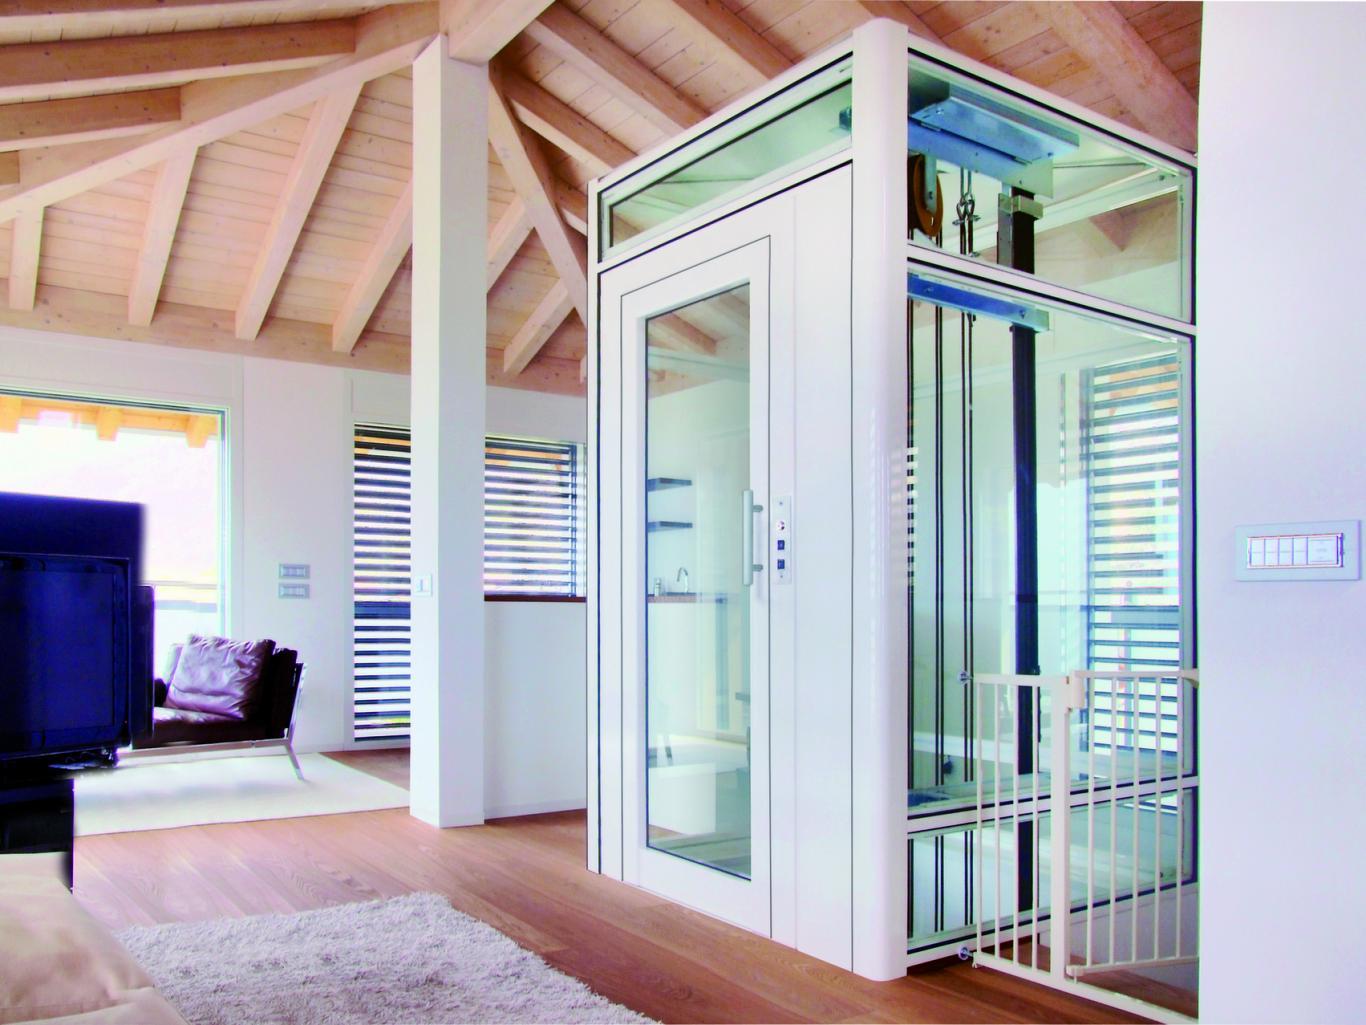 personenaufz ge f r hotel oder pension. Black Bedroom Furniture Sets. Home Design Ideas